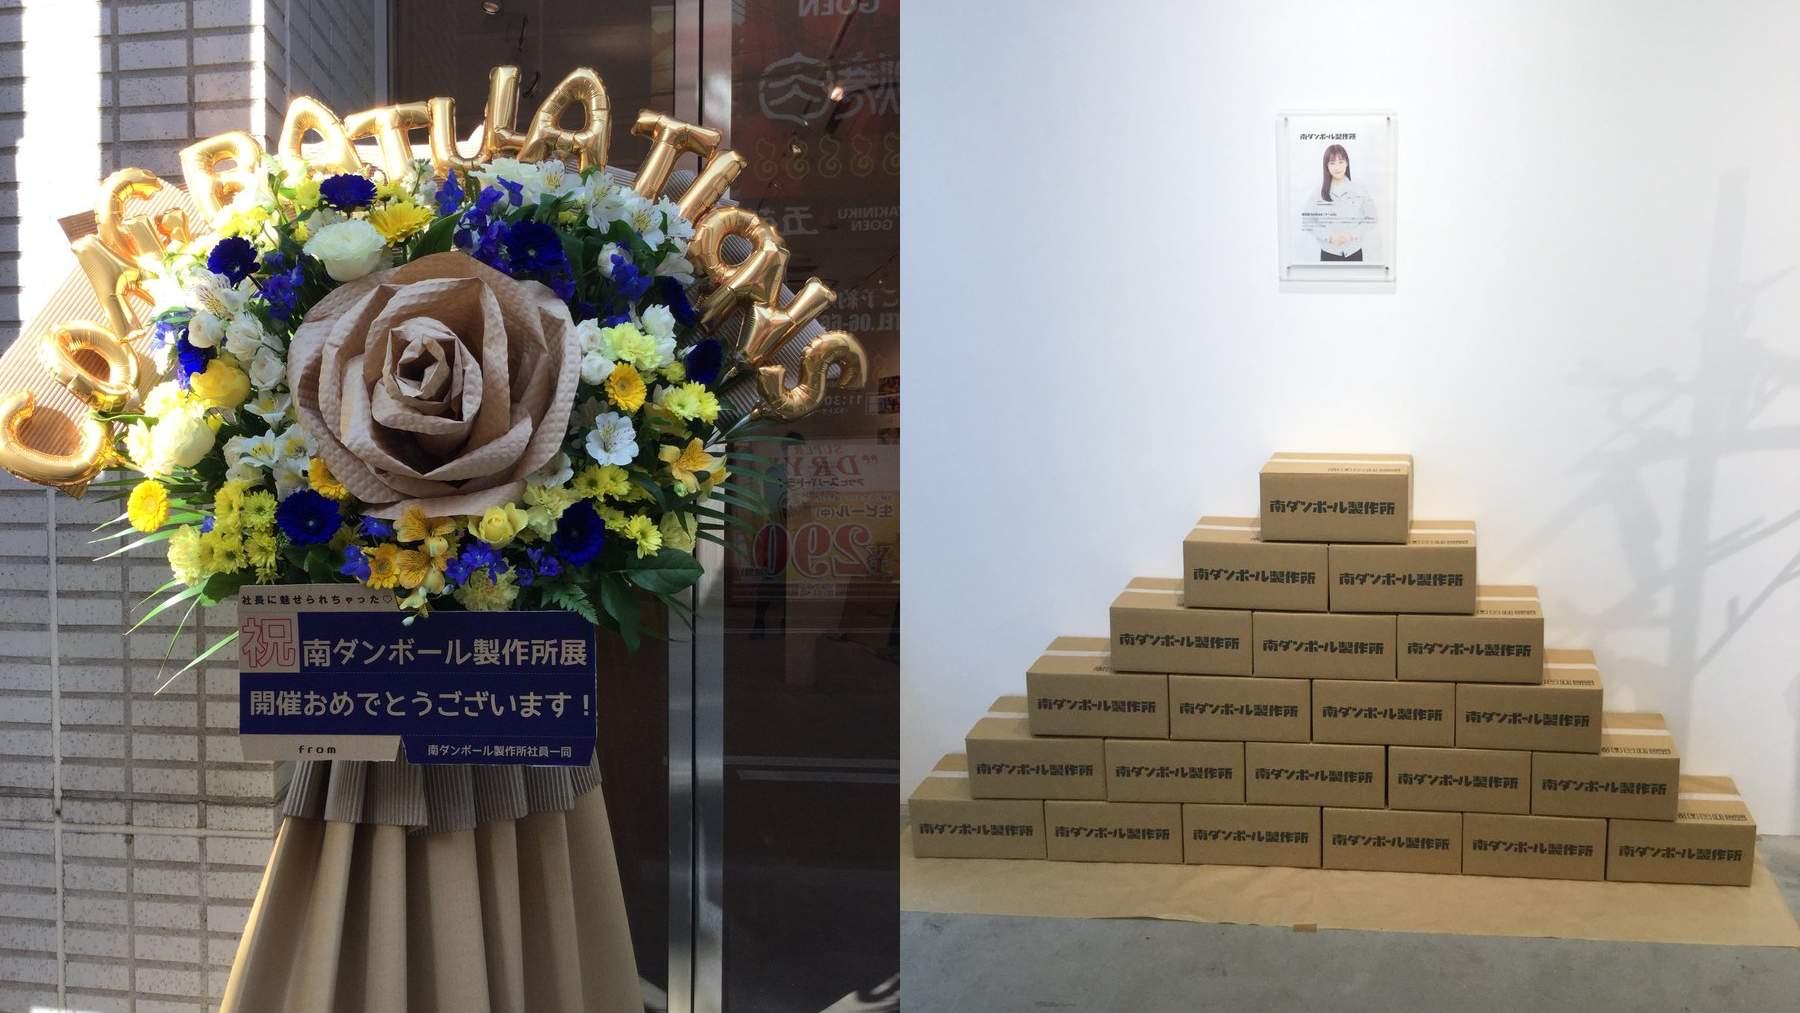 【NMB48】LAUGH & PEACE ART GALLERY「南ダンボール製作所展」レセプションパーティーの様子など